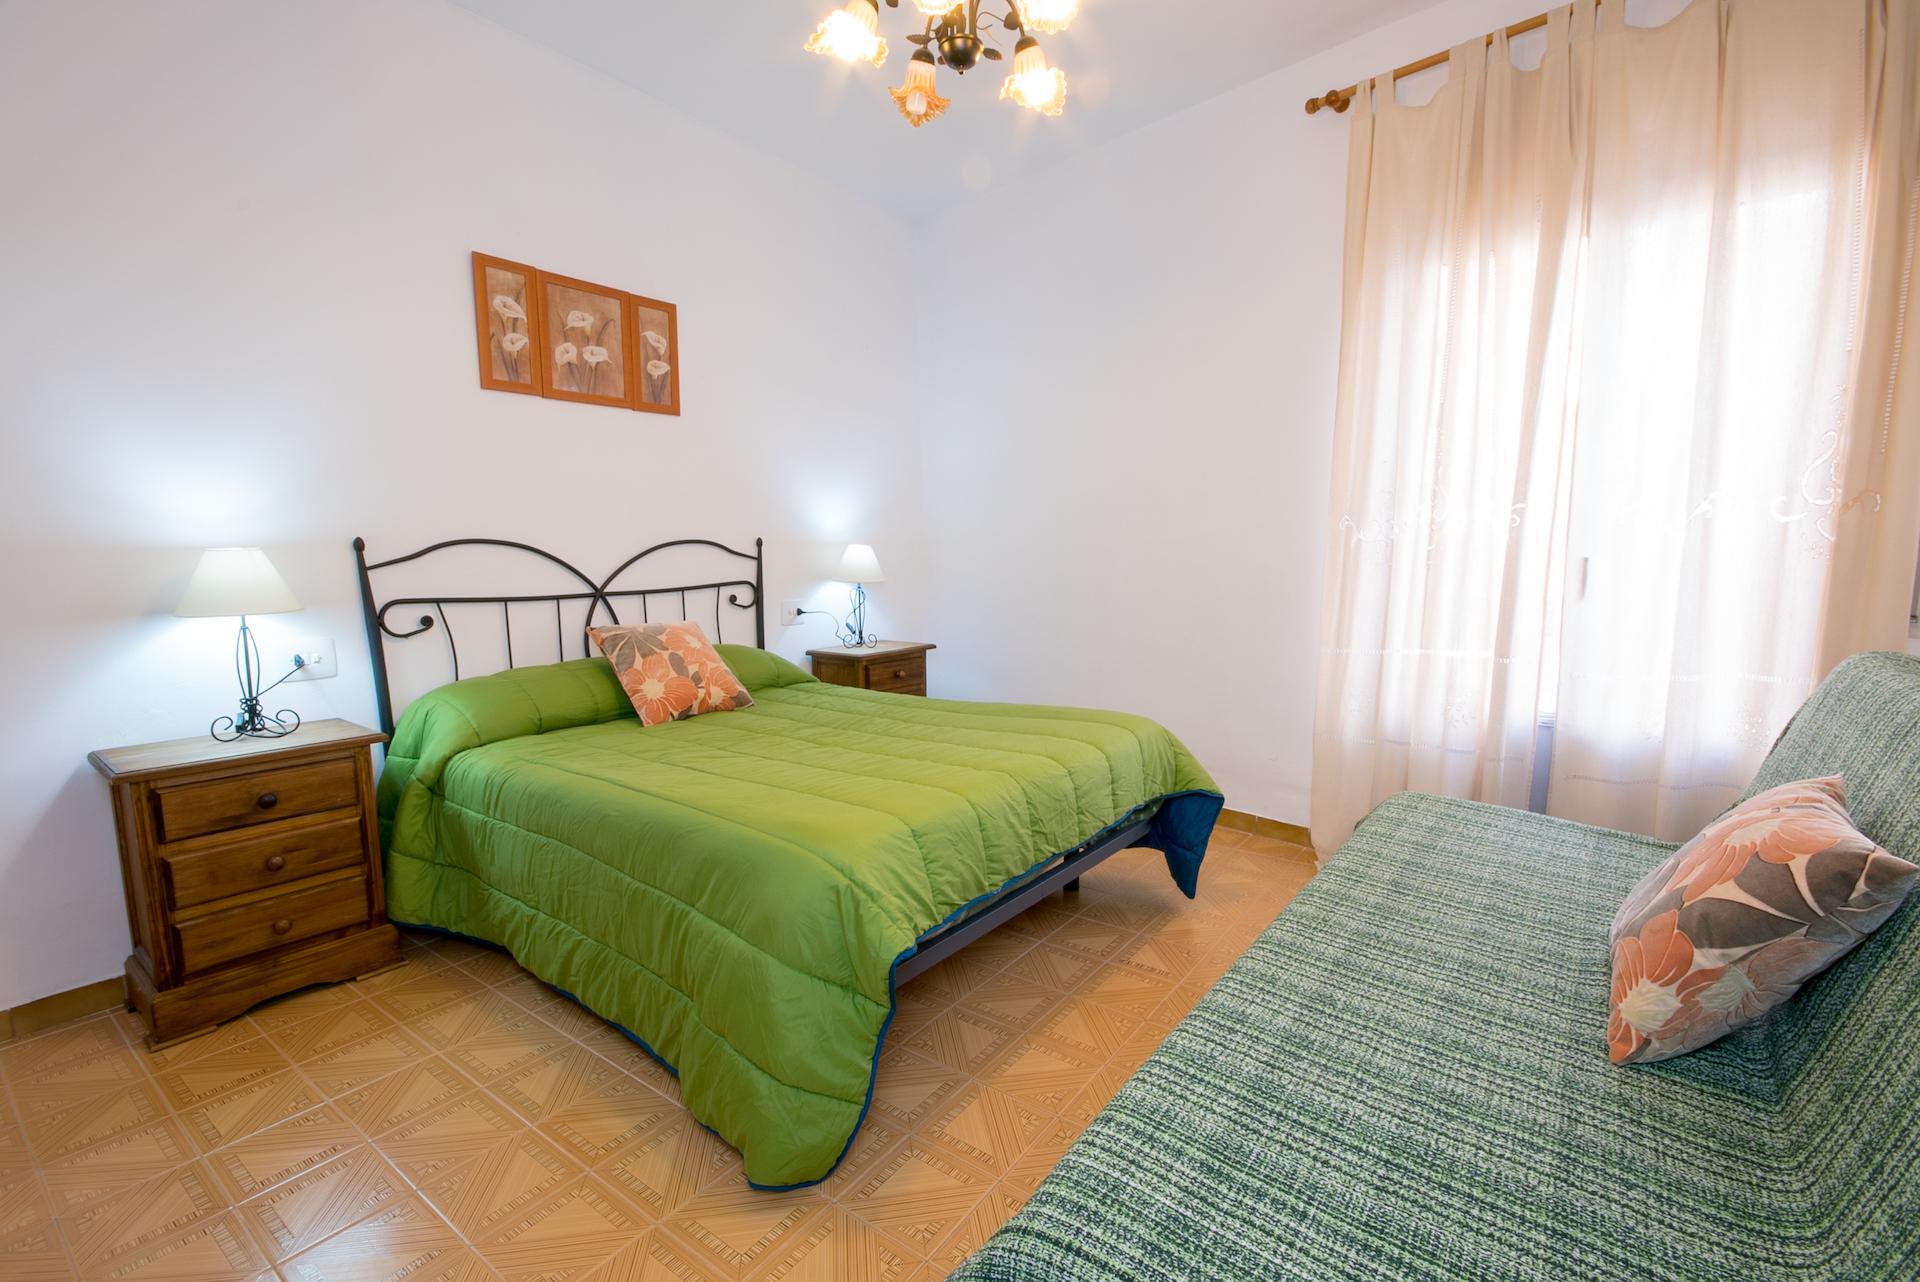 Benafer - Casa Paco - Habitación Matrimonio con sofá cama